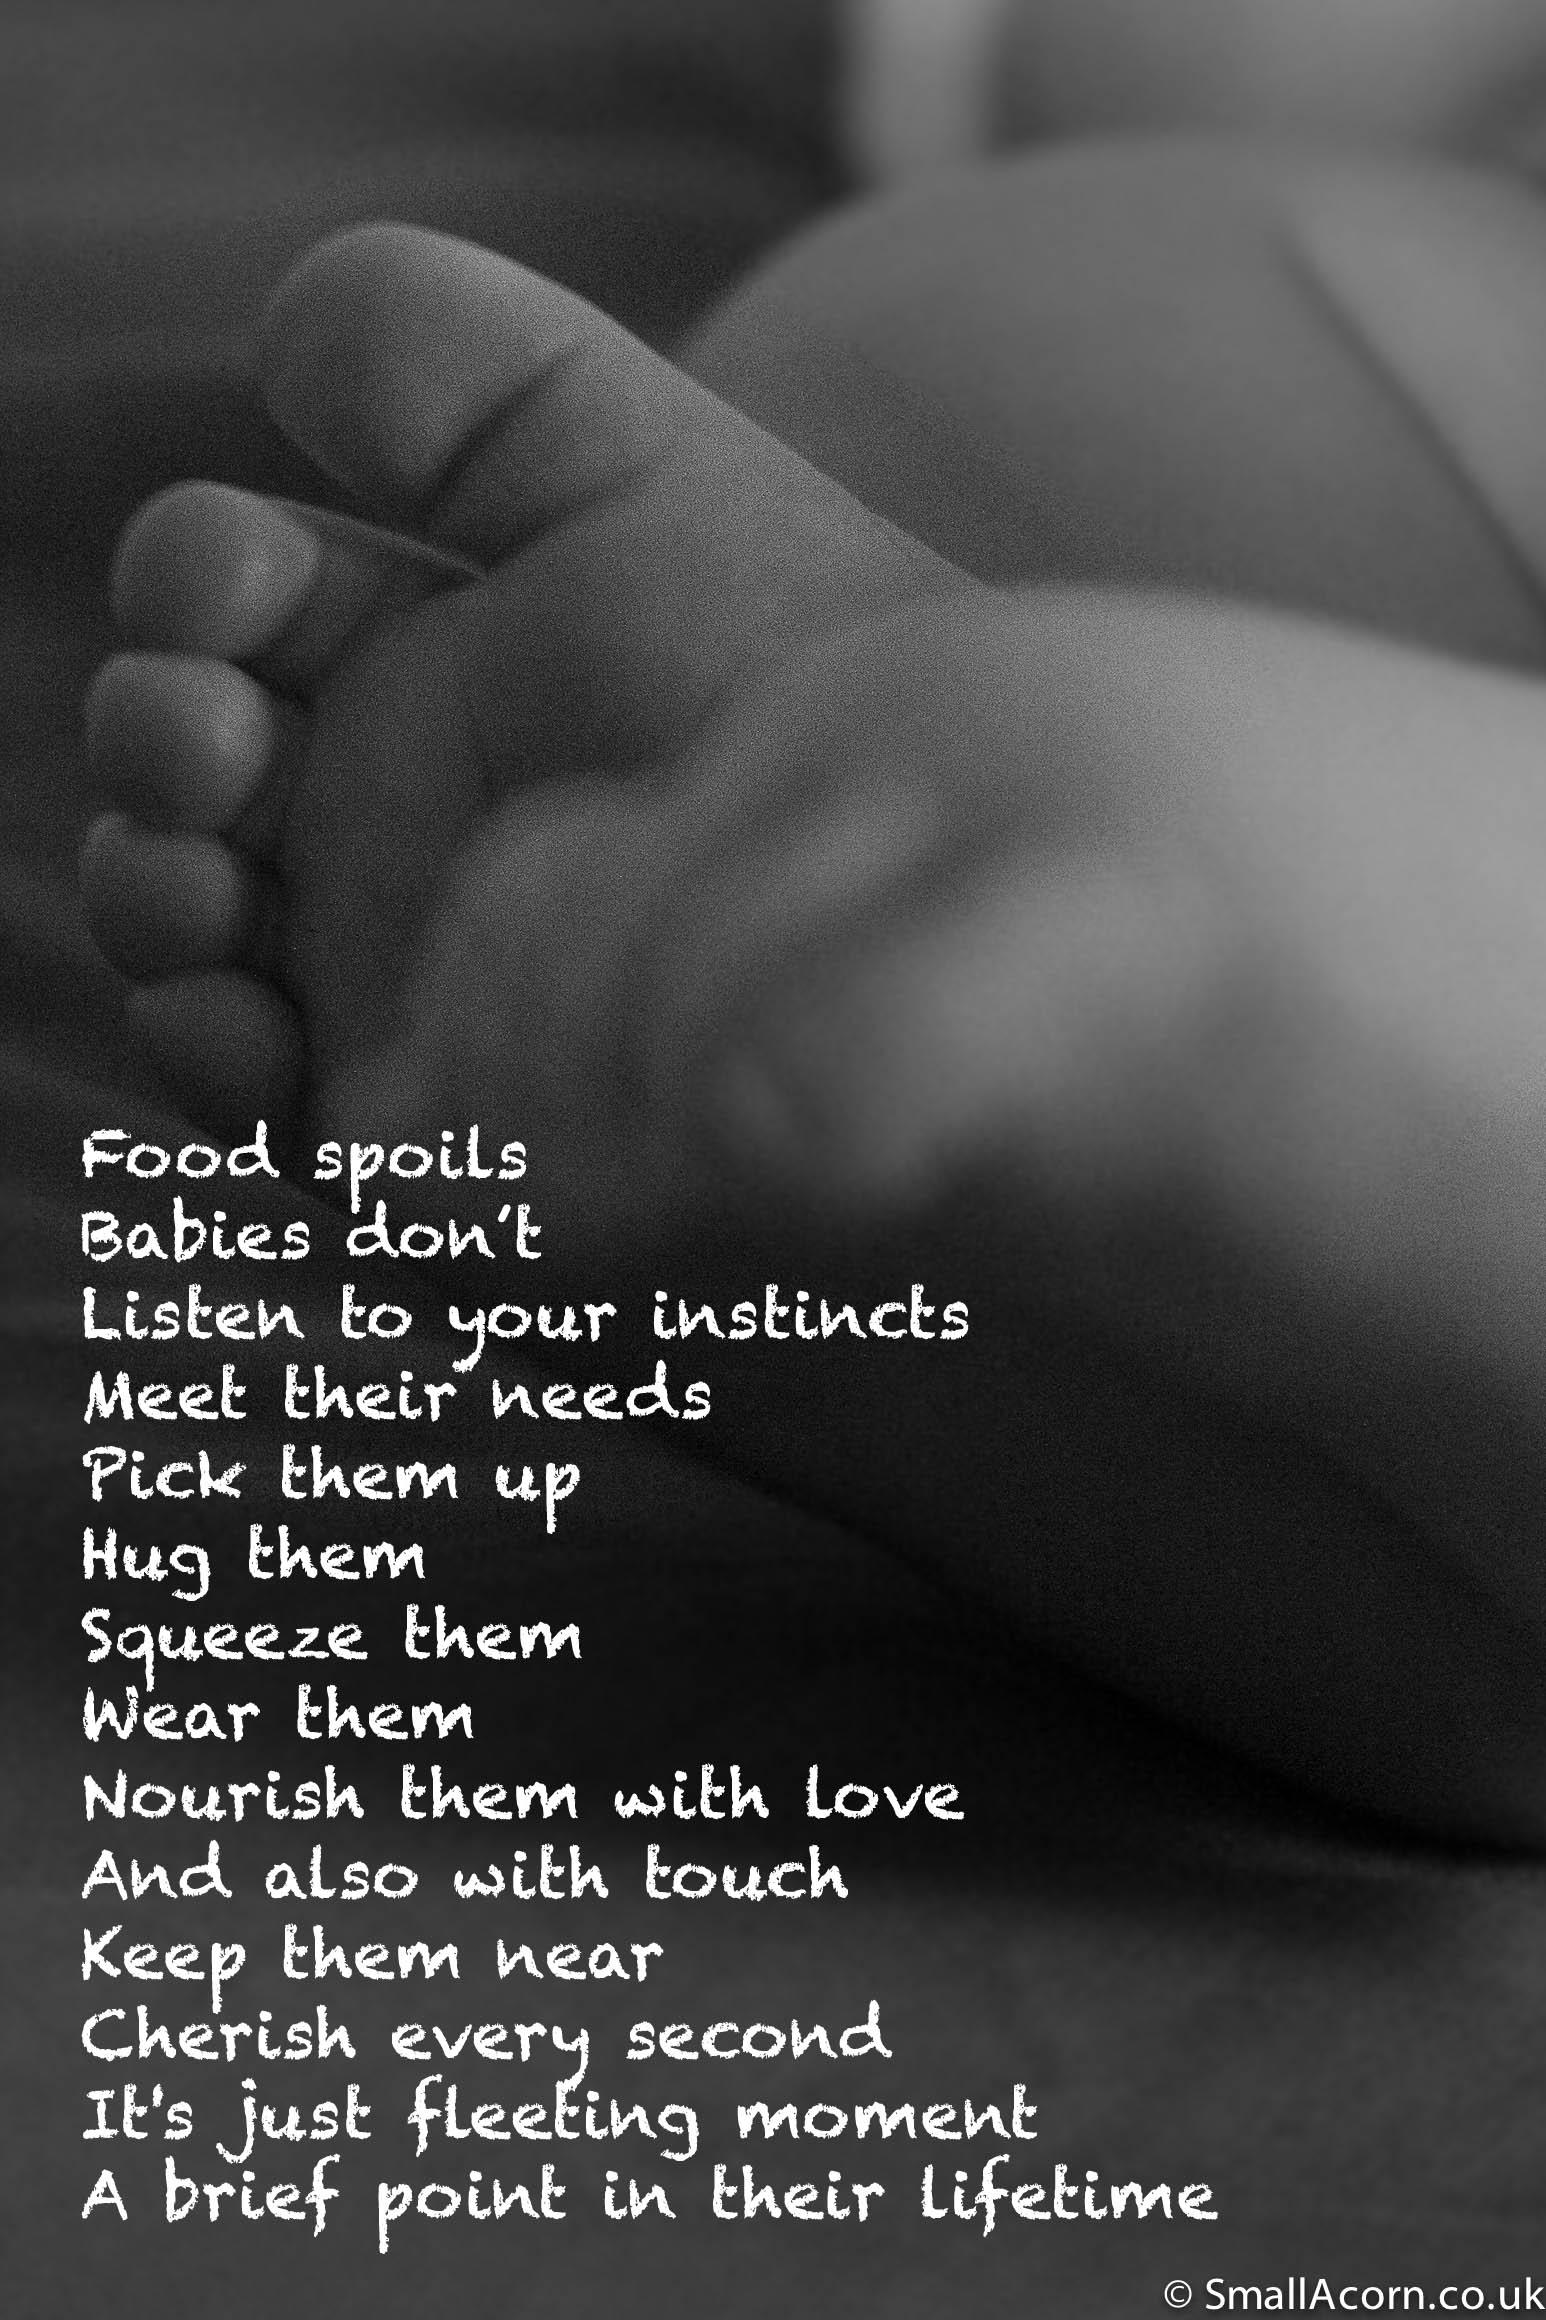 Food spoils poem on little feet